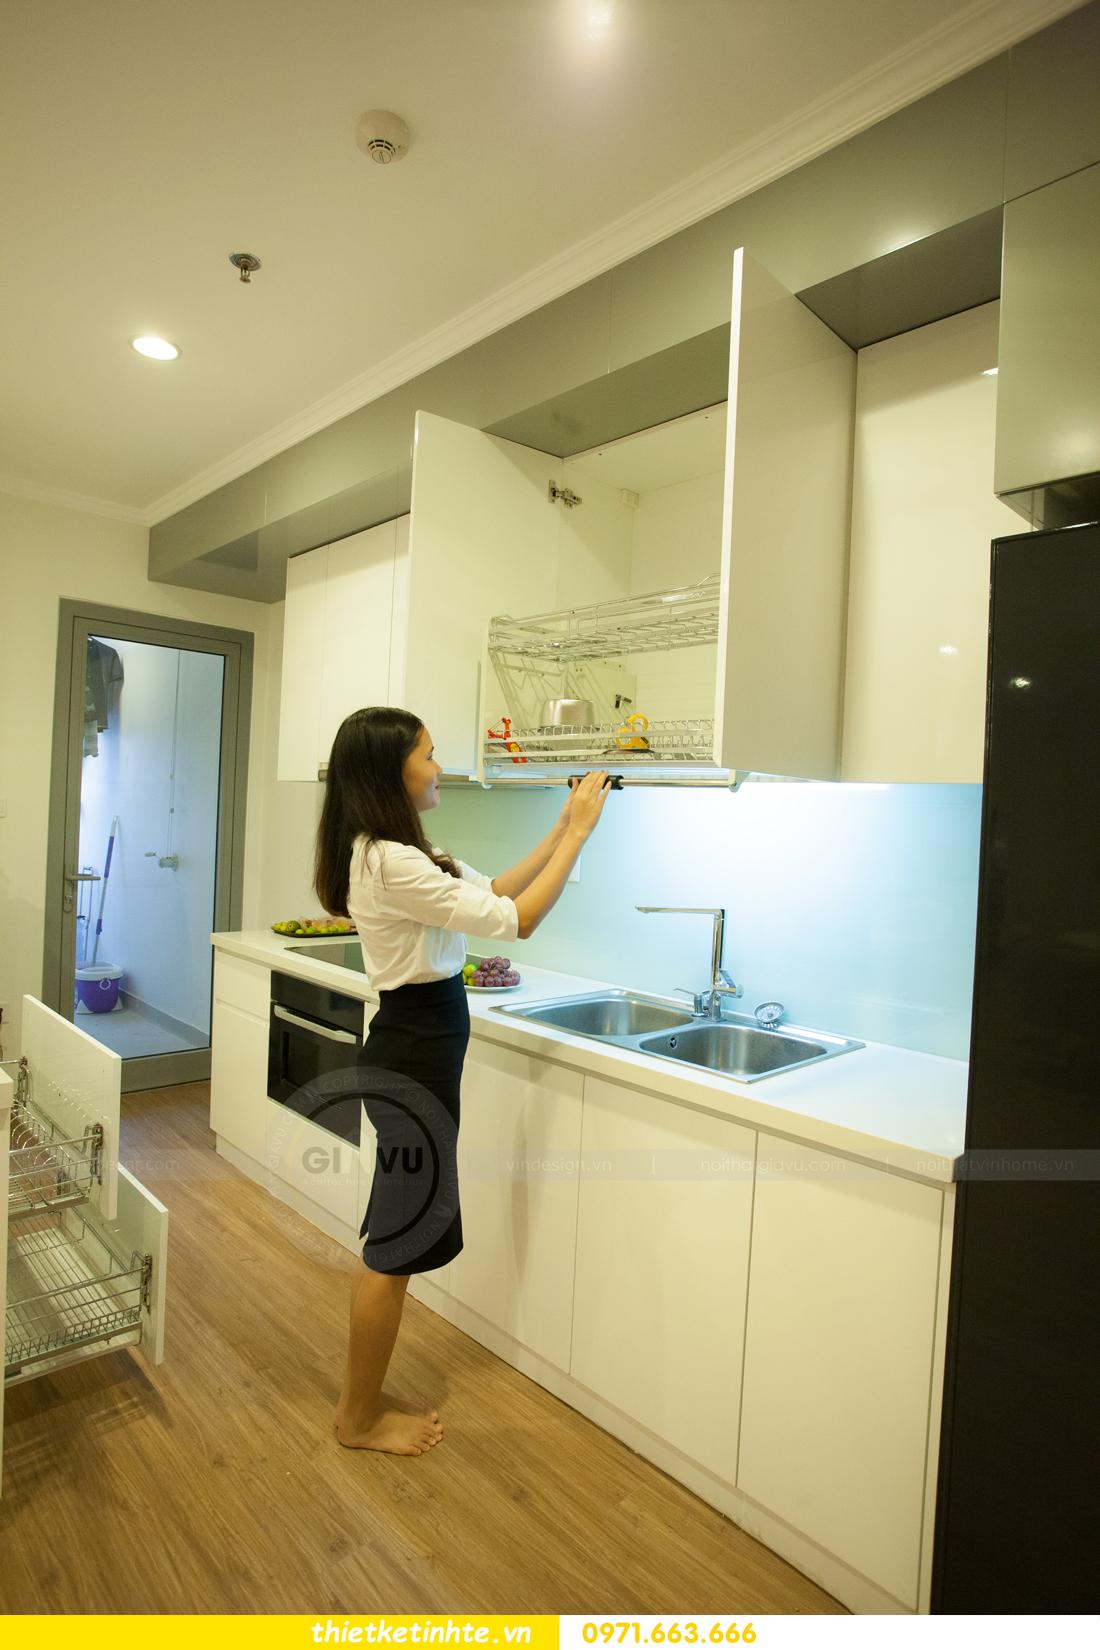 mẫu thiết kế nhà bếp chung cư đẹp, sang trọng, tiện nghi 14